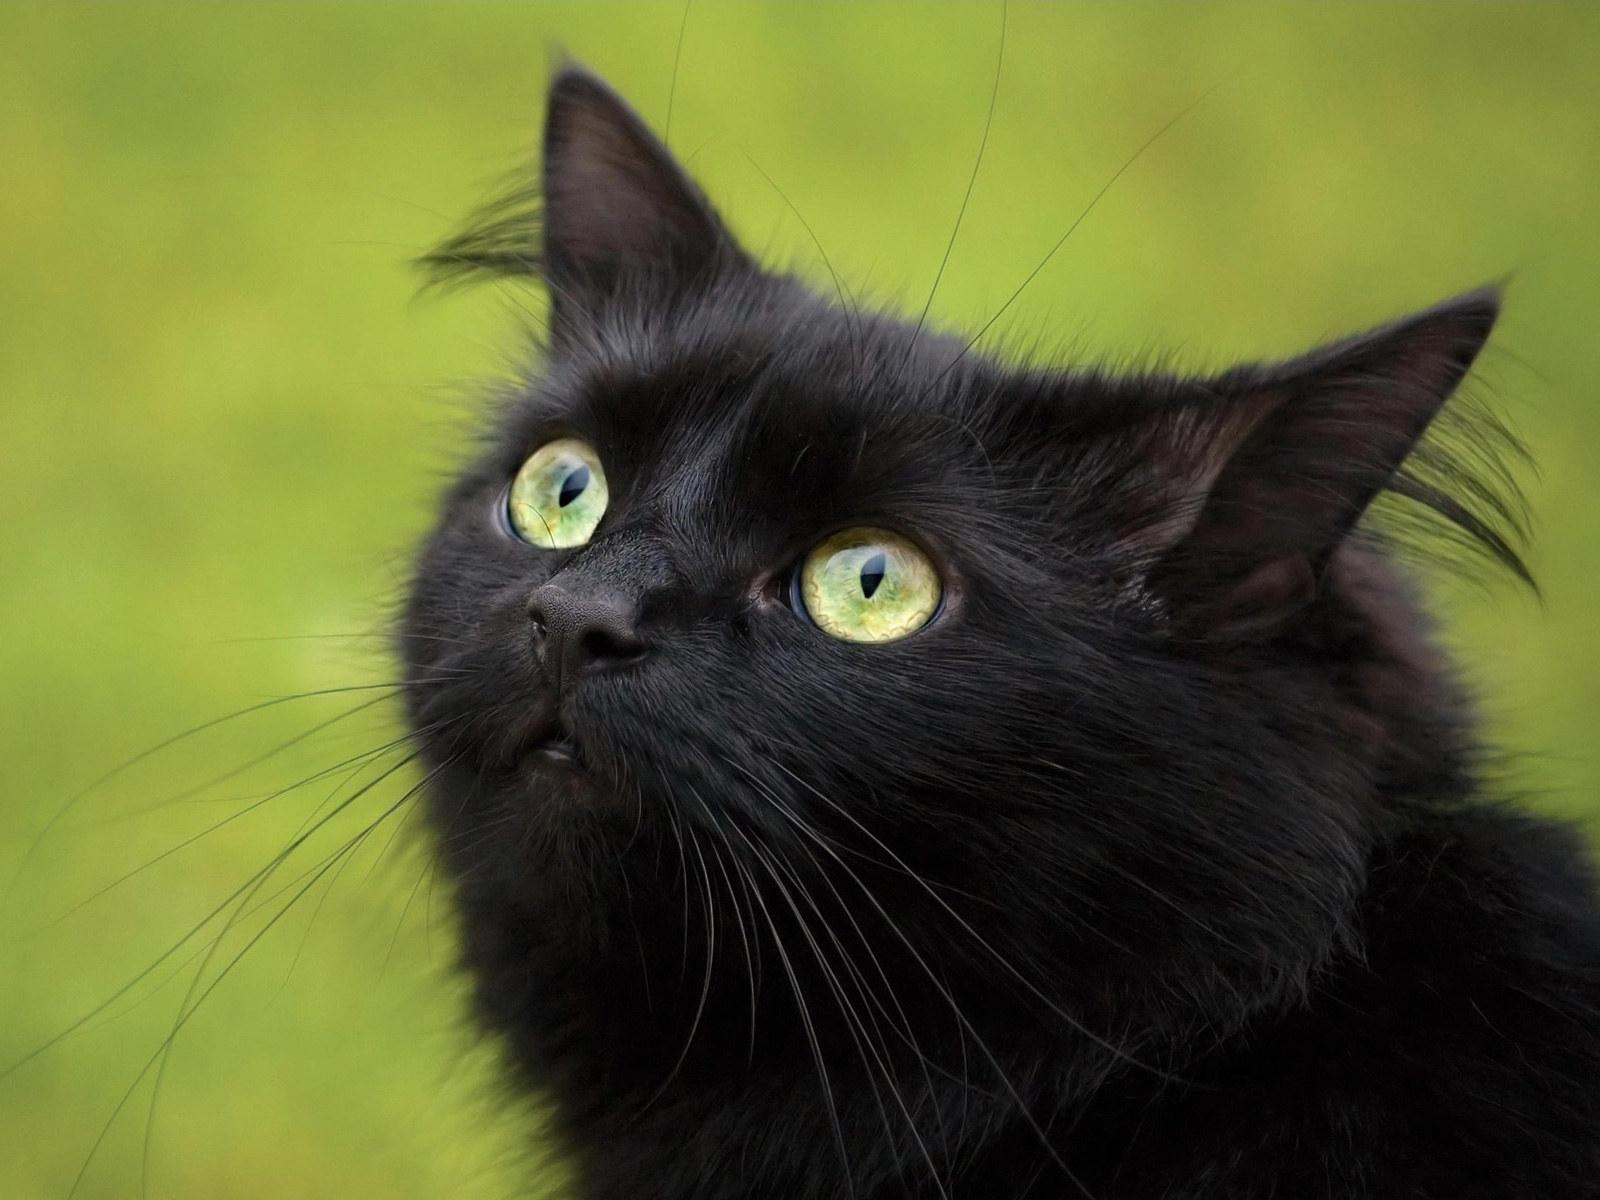 Сонник Котенок черный 😴 приснился, к чему снится Котенок черный во сне видеть?